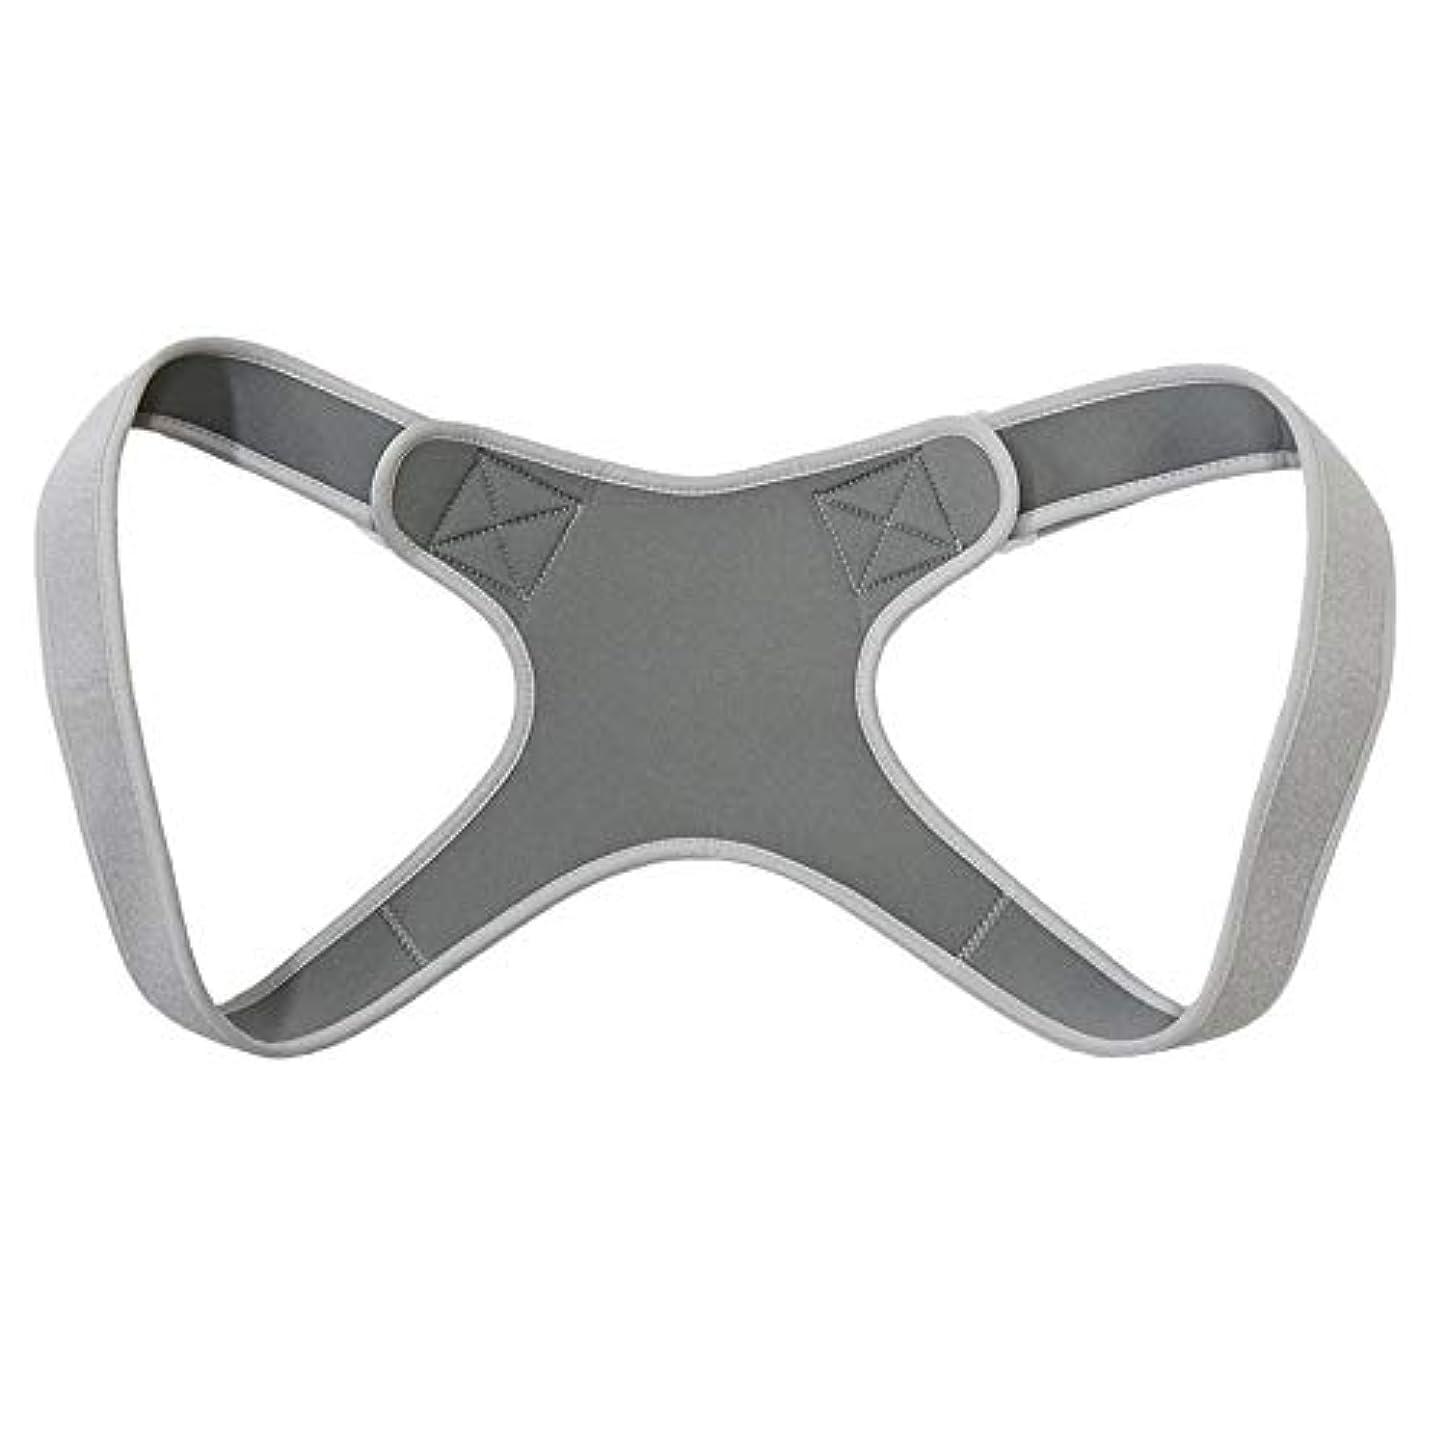 。トロピカルより多い新しいアッパーバックポスチャーコレクター姿勢鎖骨サポートコレクターバックストレートショルダーブレースストラップコレクター - グレー